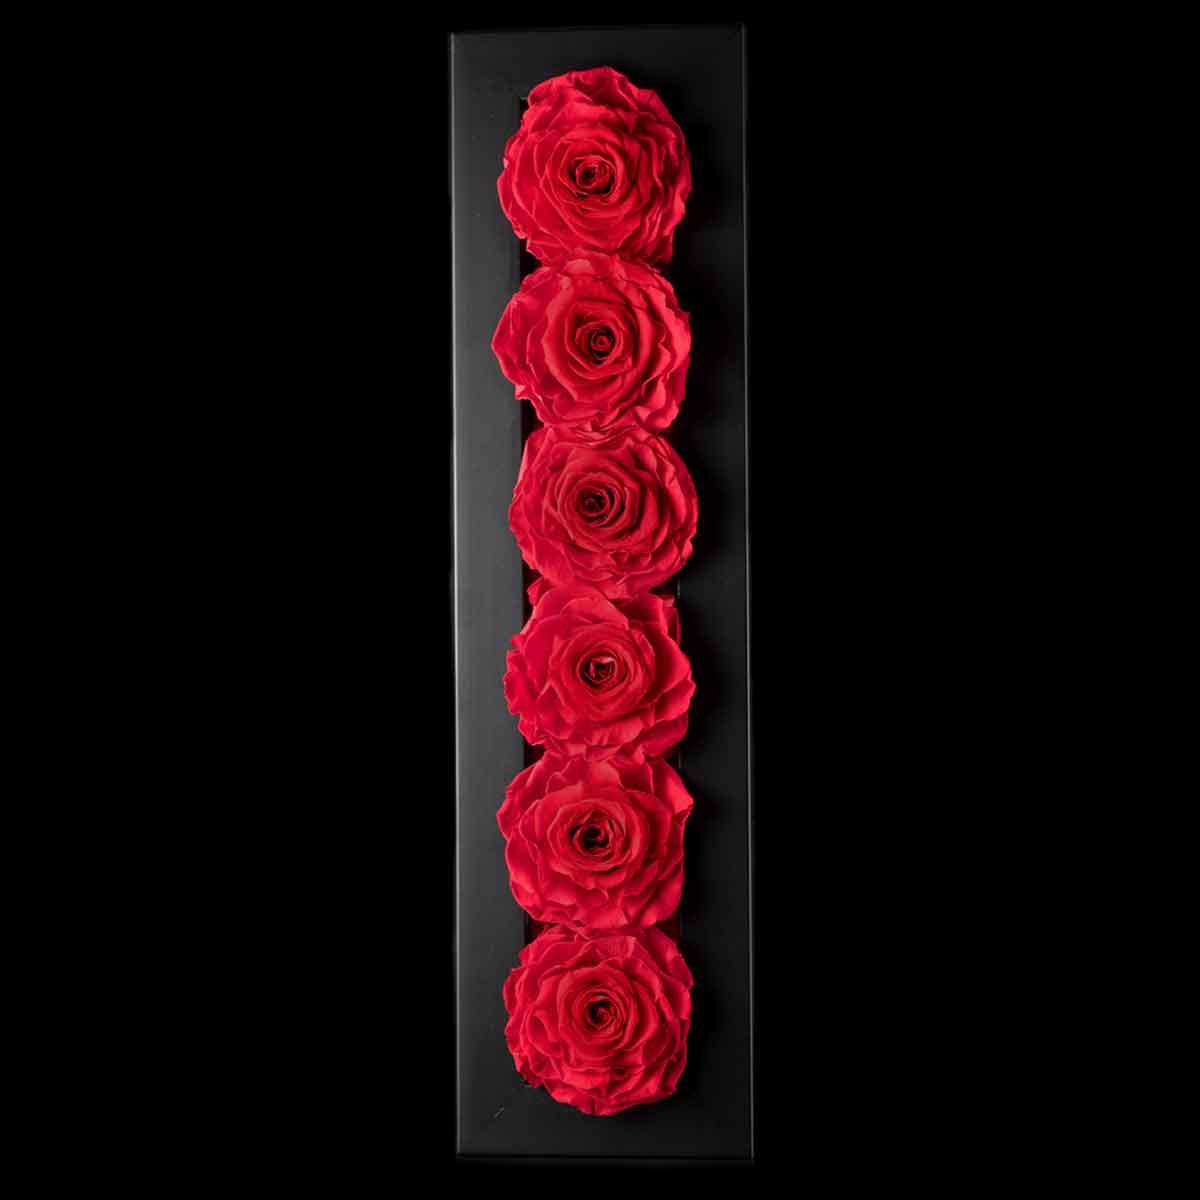 Ars Nova – Quadro 6 rose Gran Prix